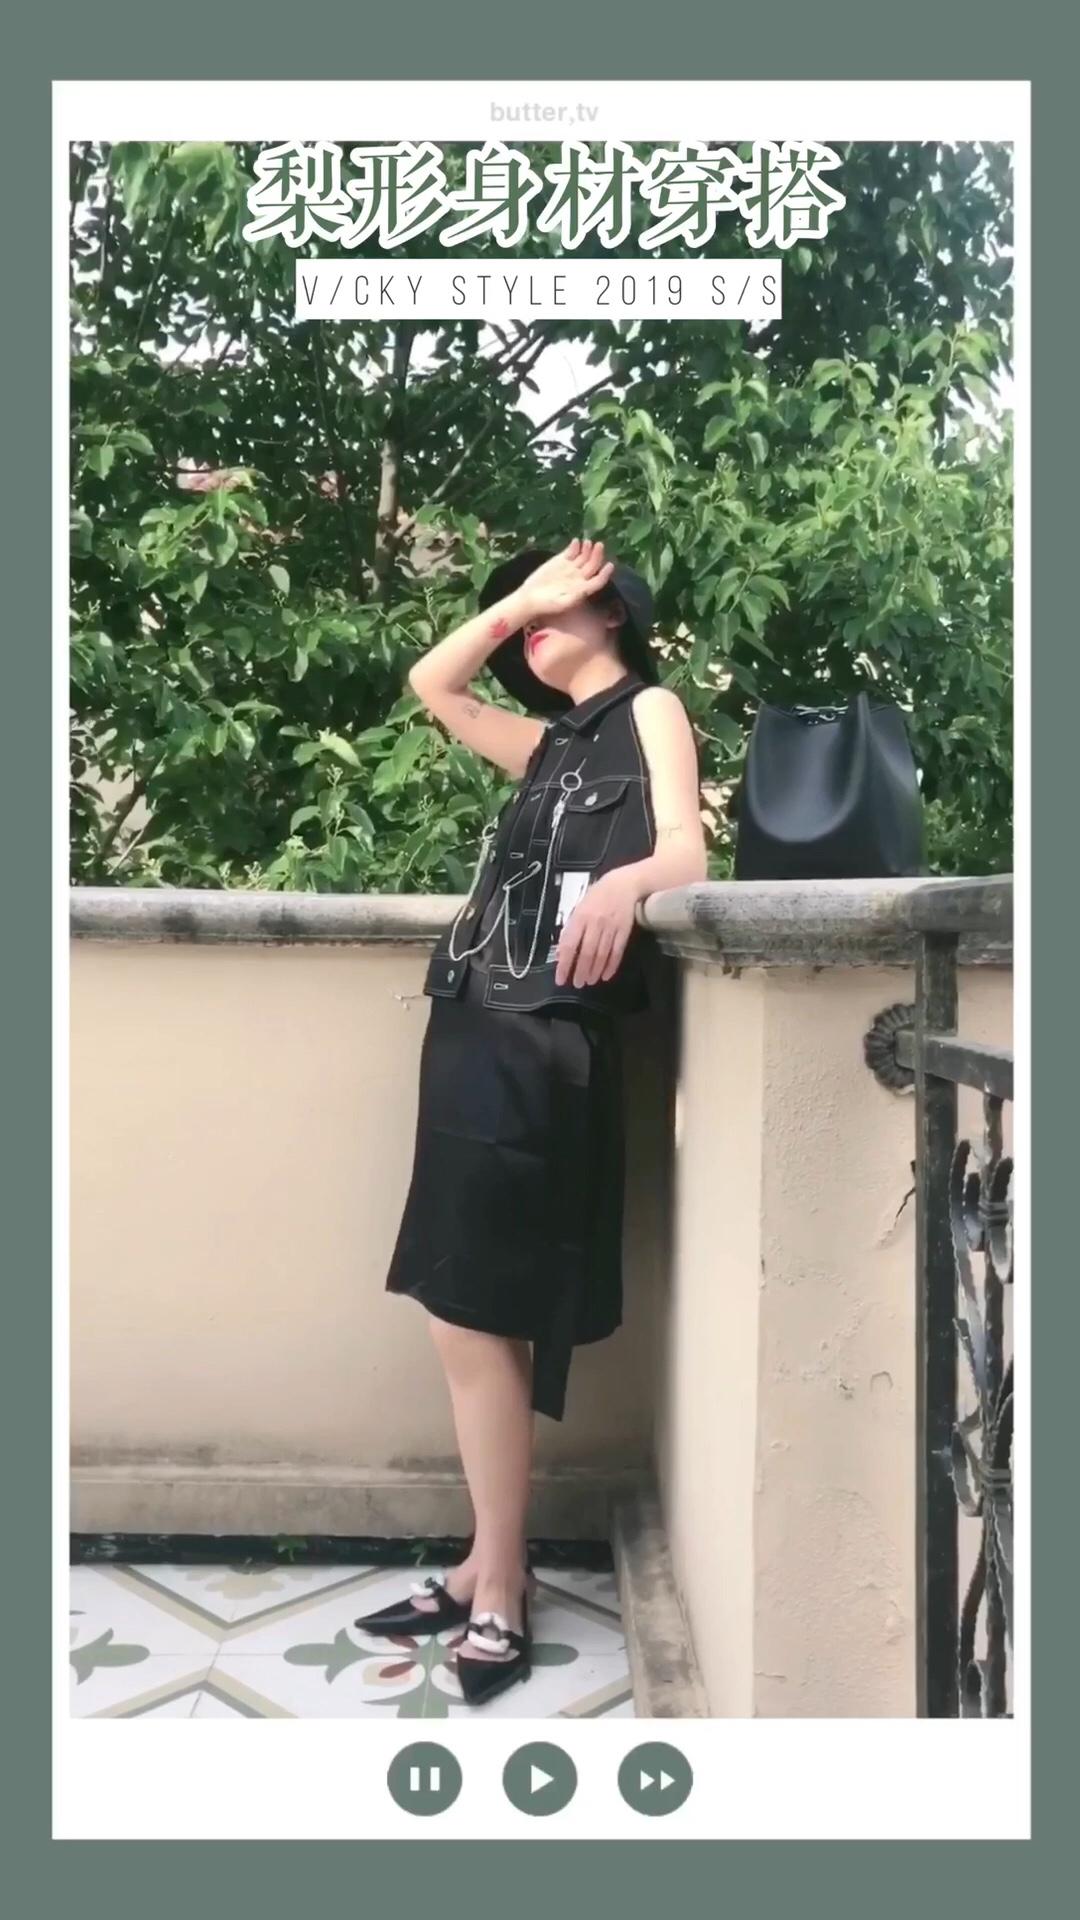 #618一天入手,30天穿搭不重样!# 黑色牛仔马甲混搭蚕丝连衣裙,一柔一刚的搭配娘Man完美平衡 黑色也很显瘦哦!